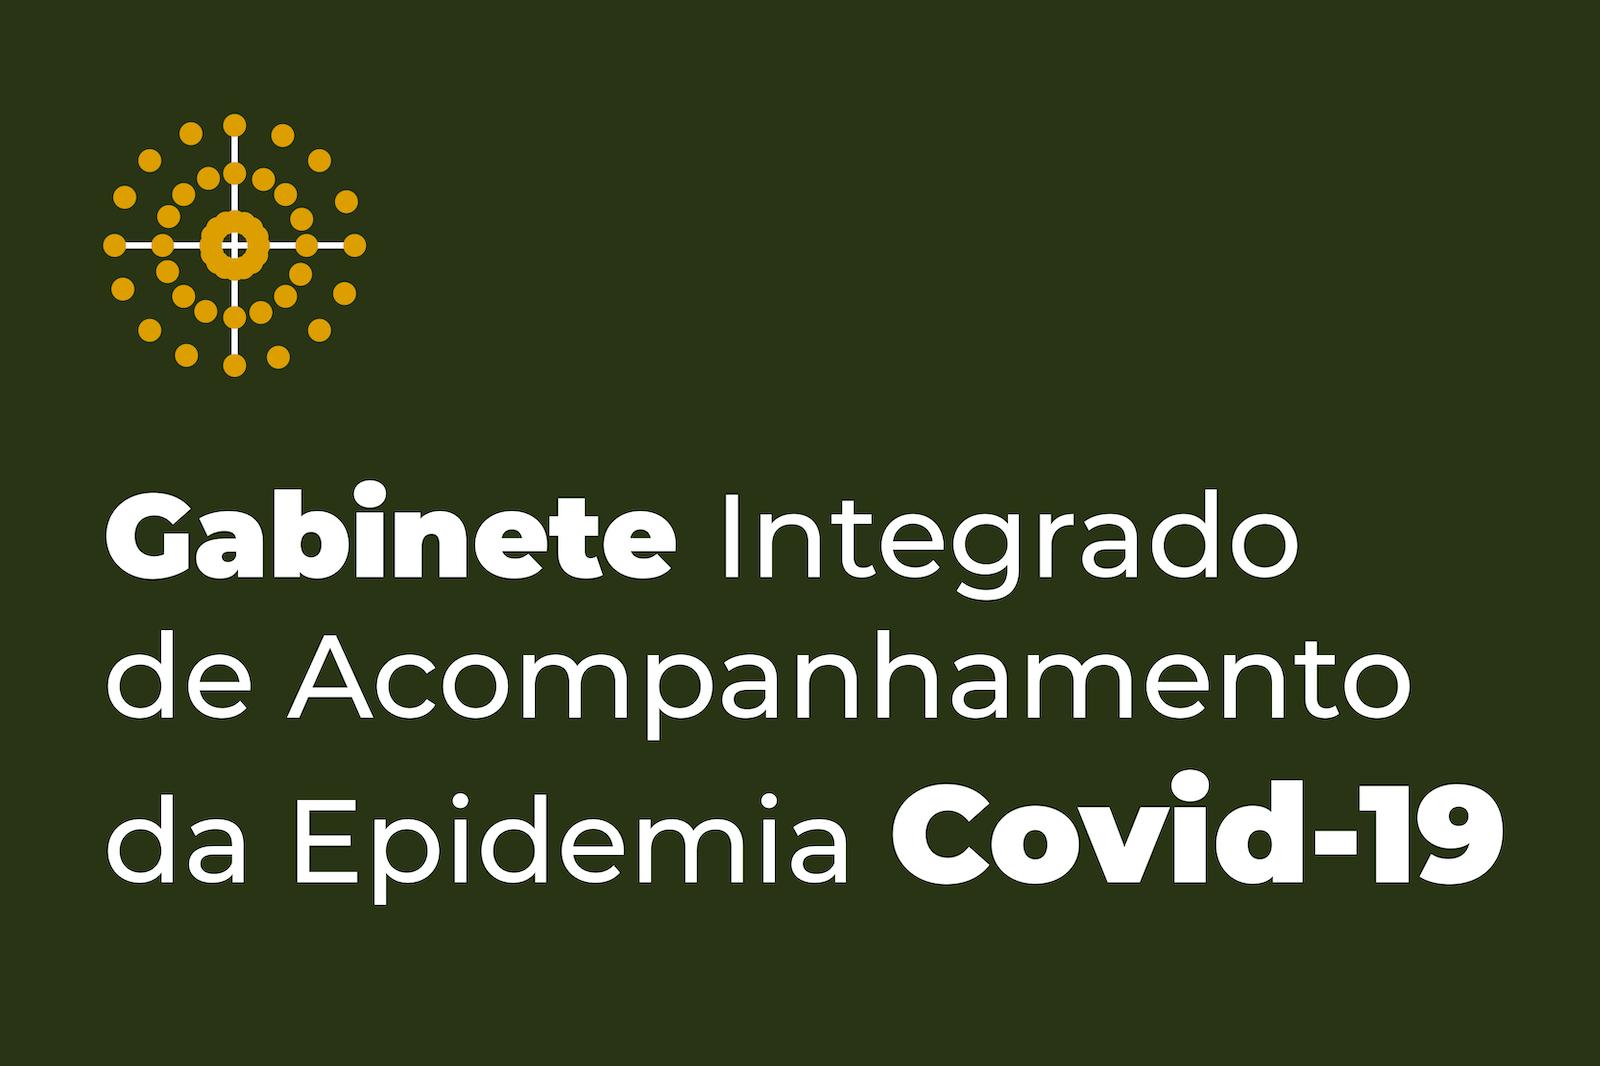 Banner Gabinete Integrado de Acompanhamento da Epidemia Covid-10